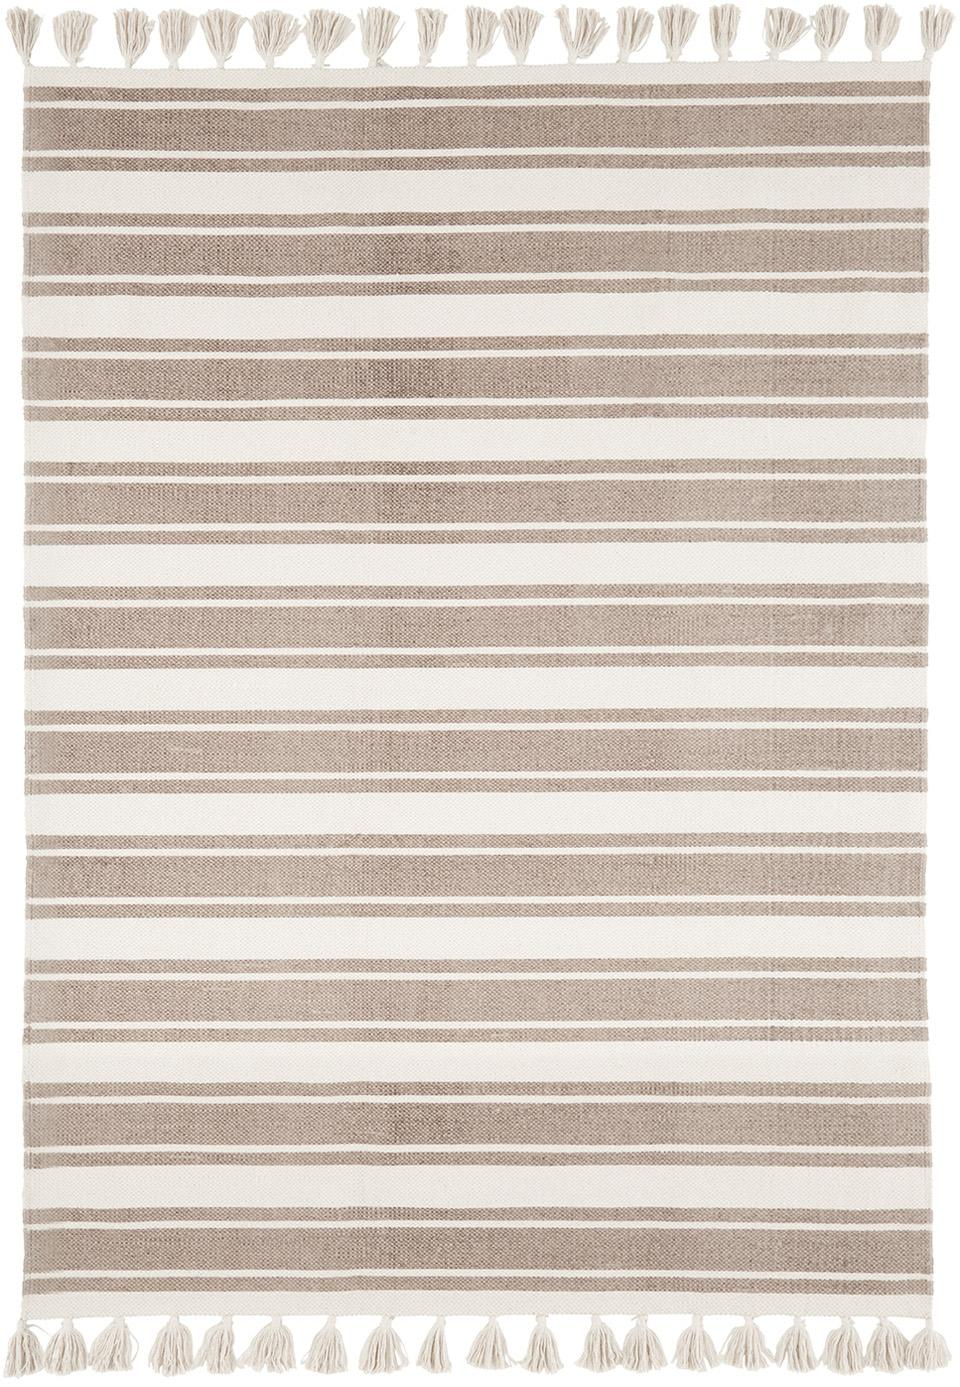 Gestreifter Baumwollteppich Vigga mit Quasten, handgewebt, Taupe, Beige, B 120 x L 180 cm (Größe S)